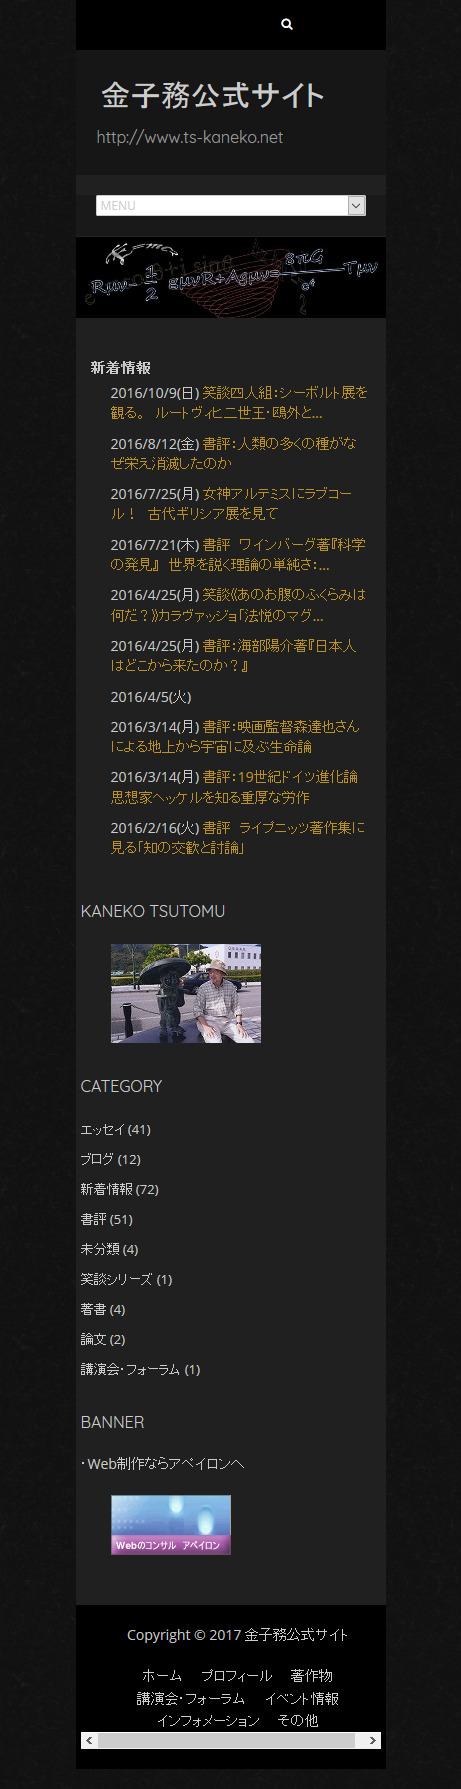 金子務公式サイト スマホ版